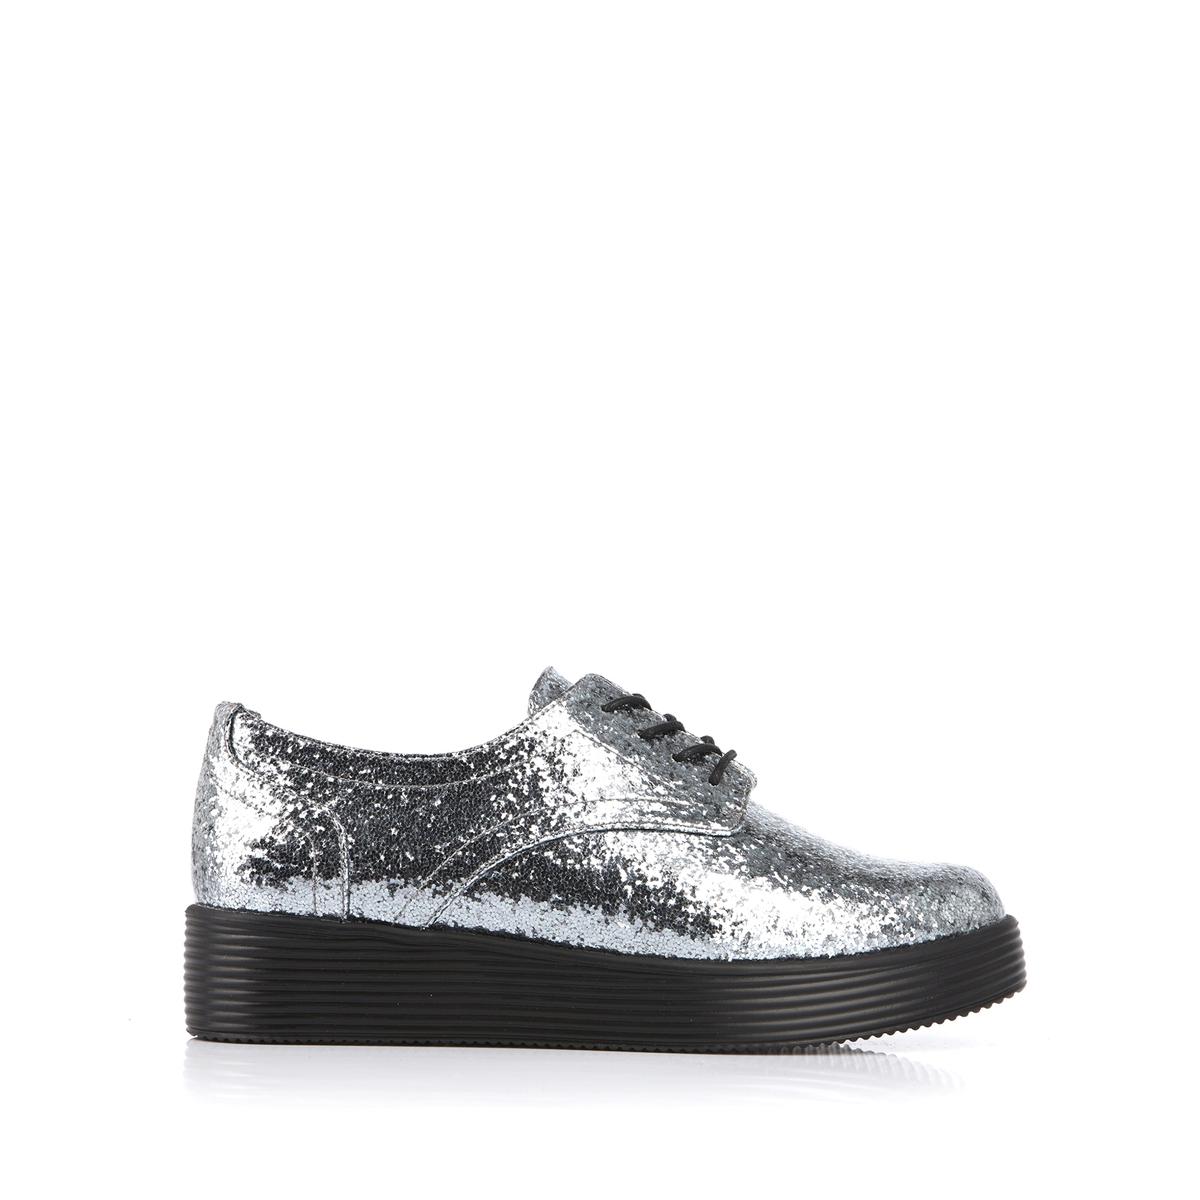 Ботинки-дерби Clishine ботинки дерби под кожу питона